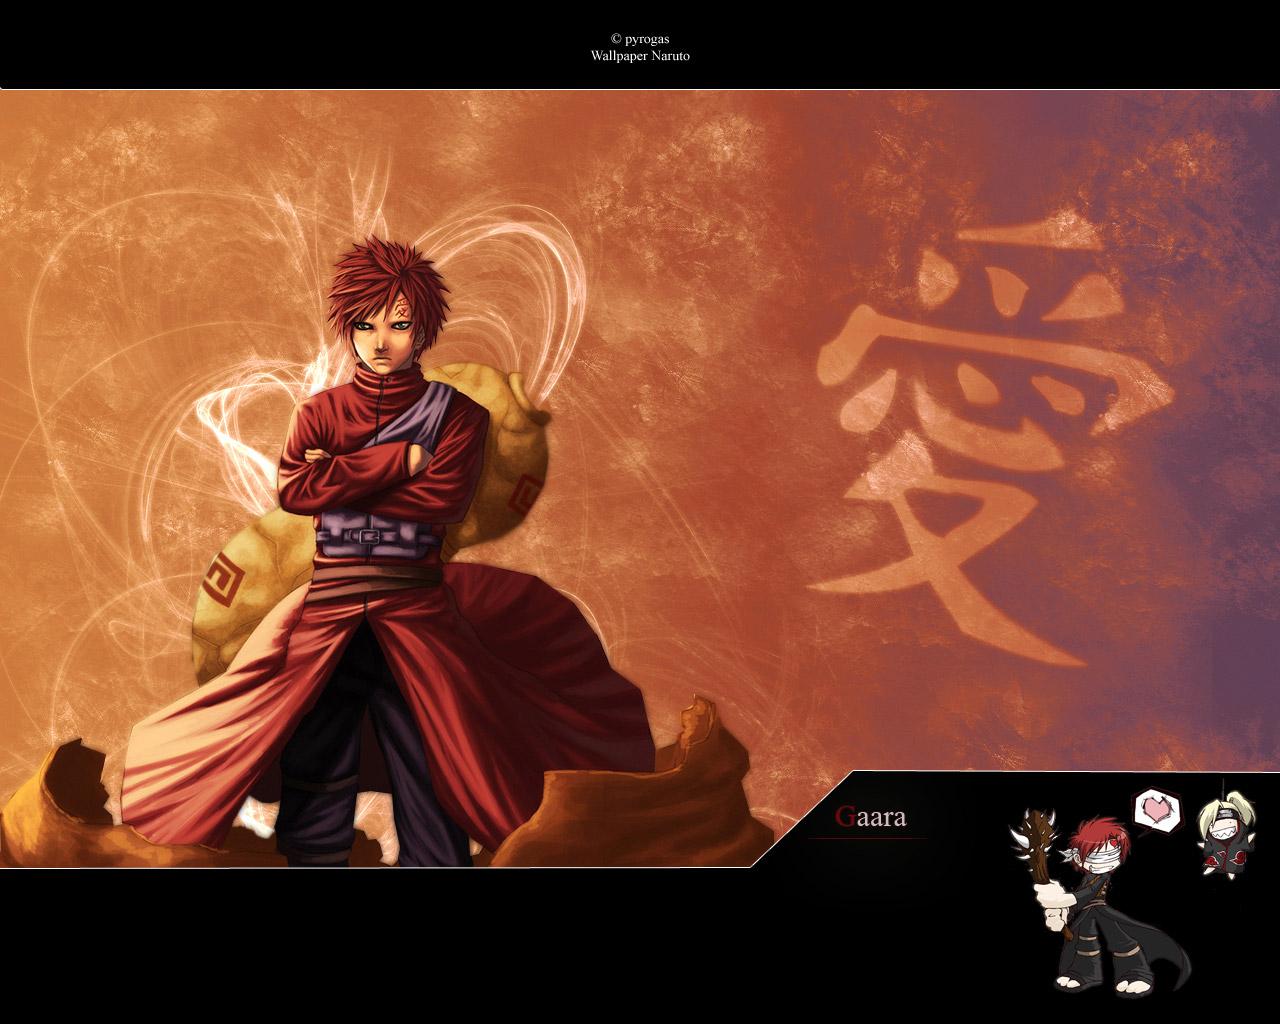 naruto vf wallpapers Gara Naruto Shippuden 1280x1024